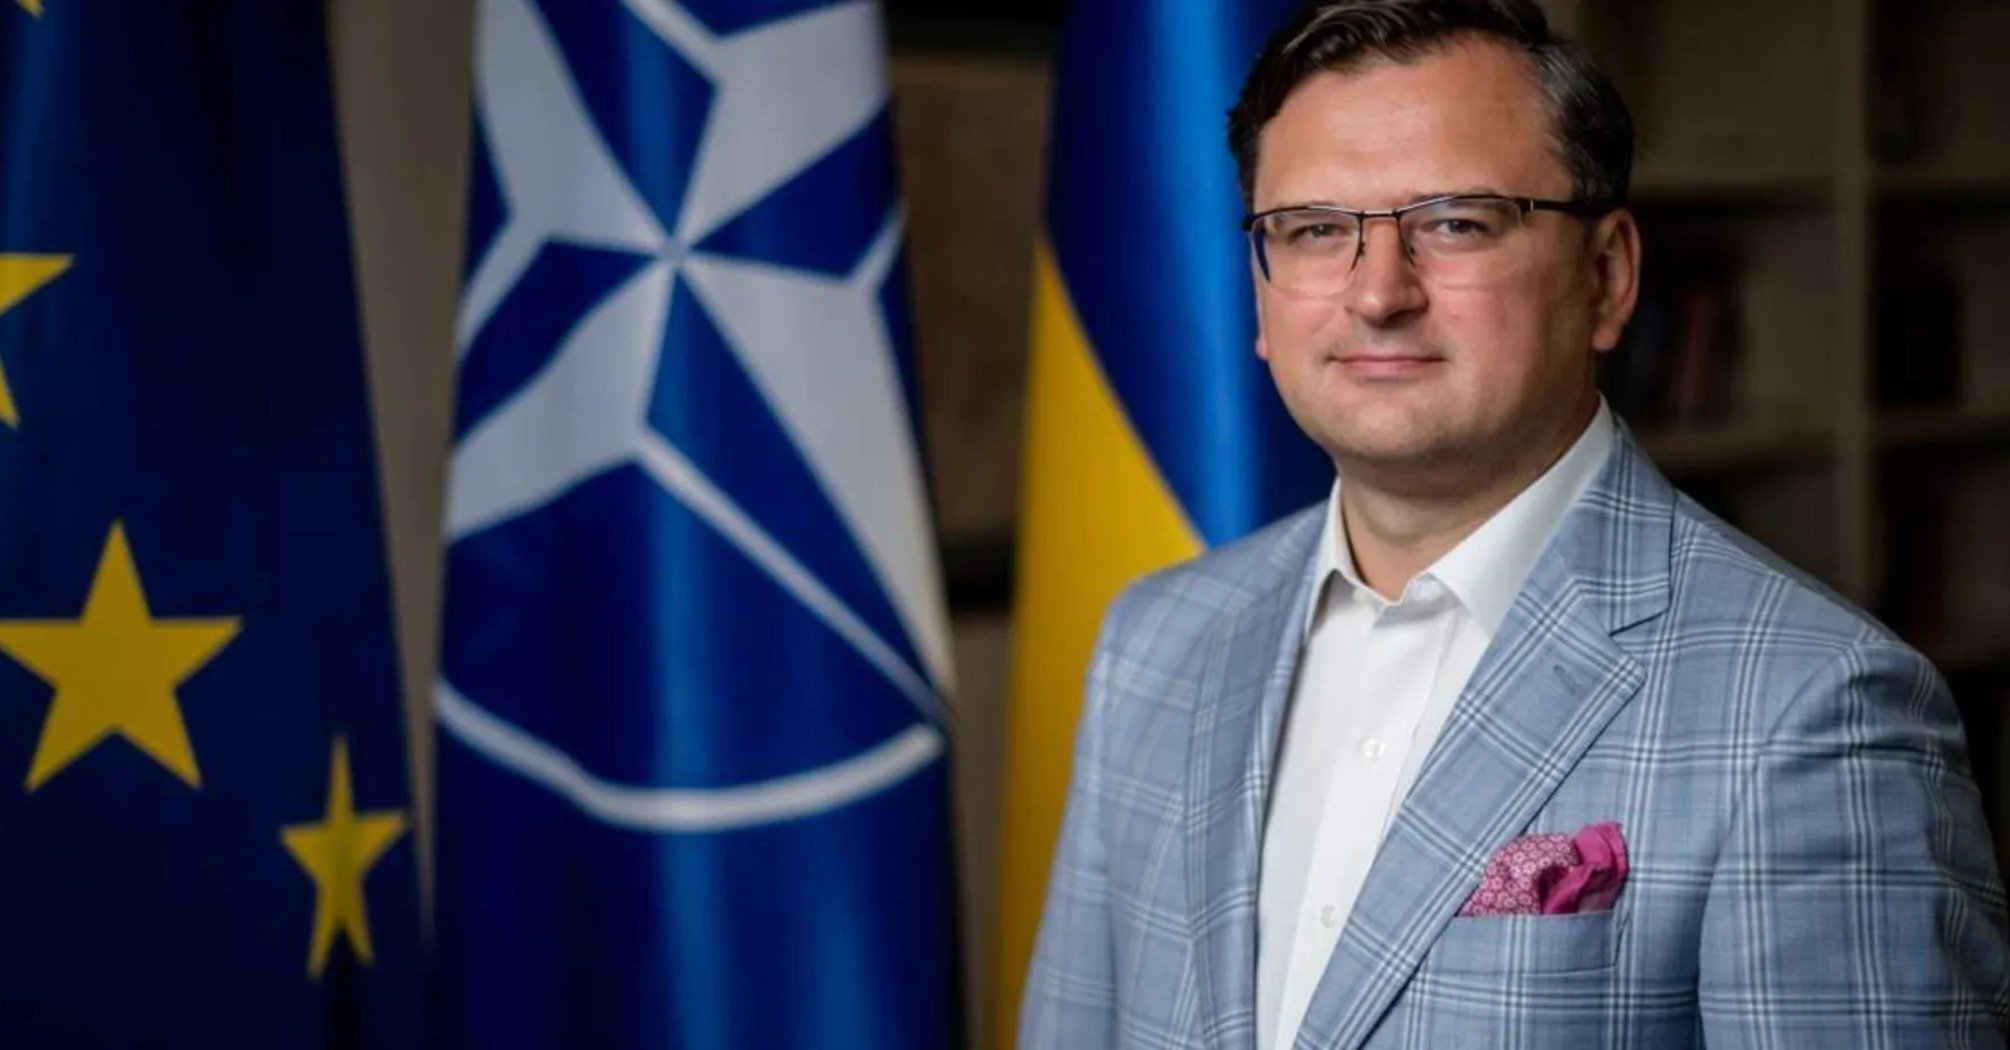 Кулеба о перспективах членства Украины в ЕС и НАТО: пришло время определить дорожную карту